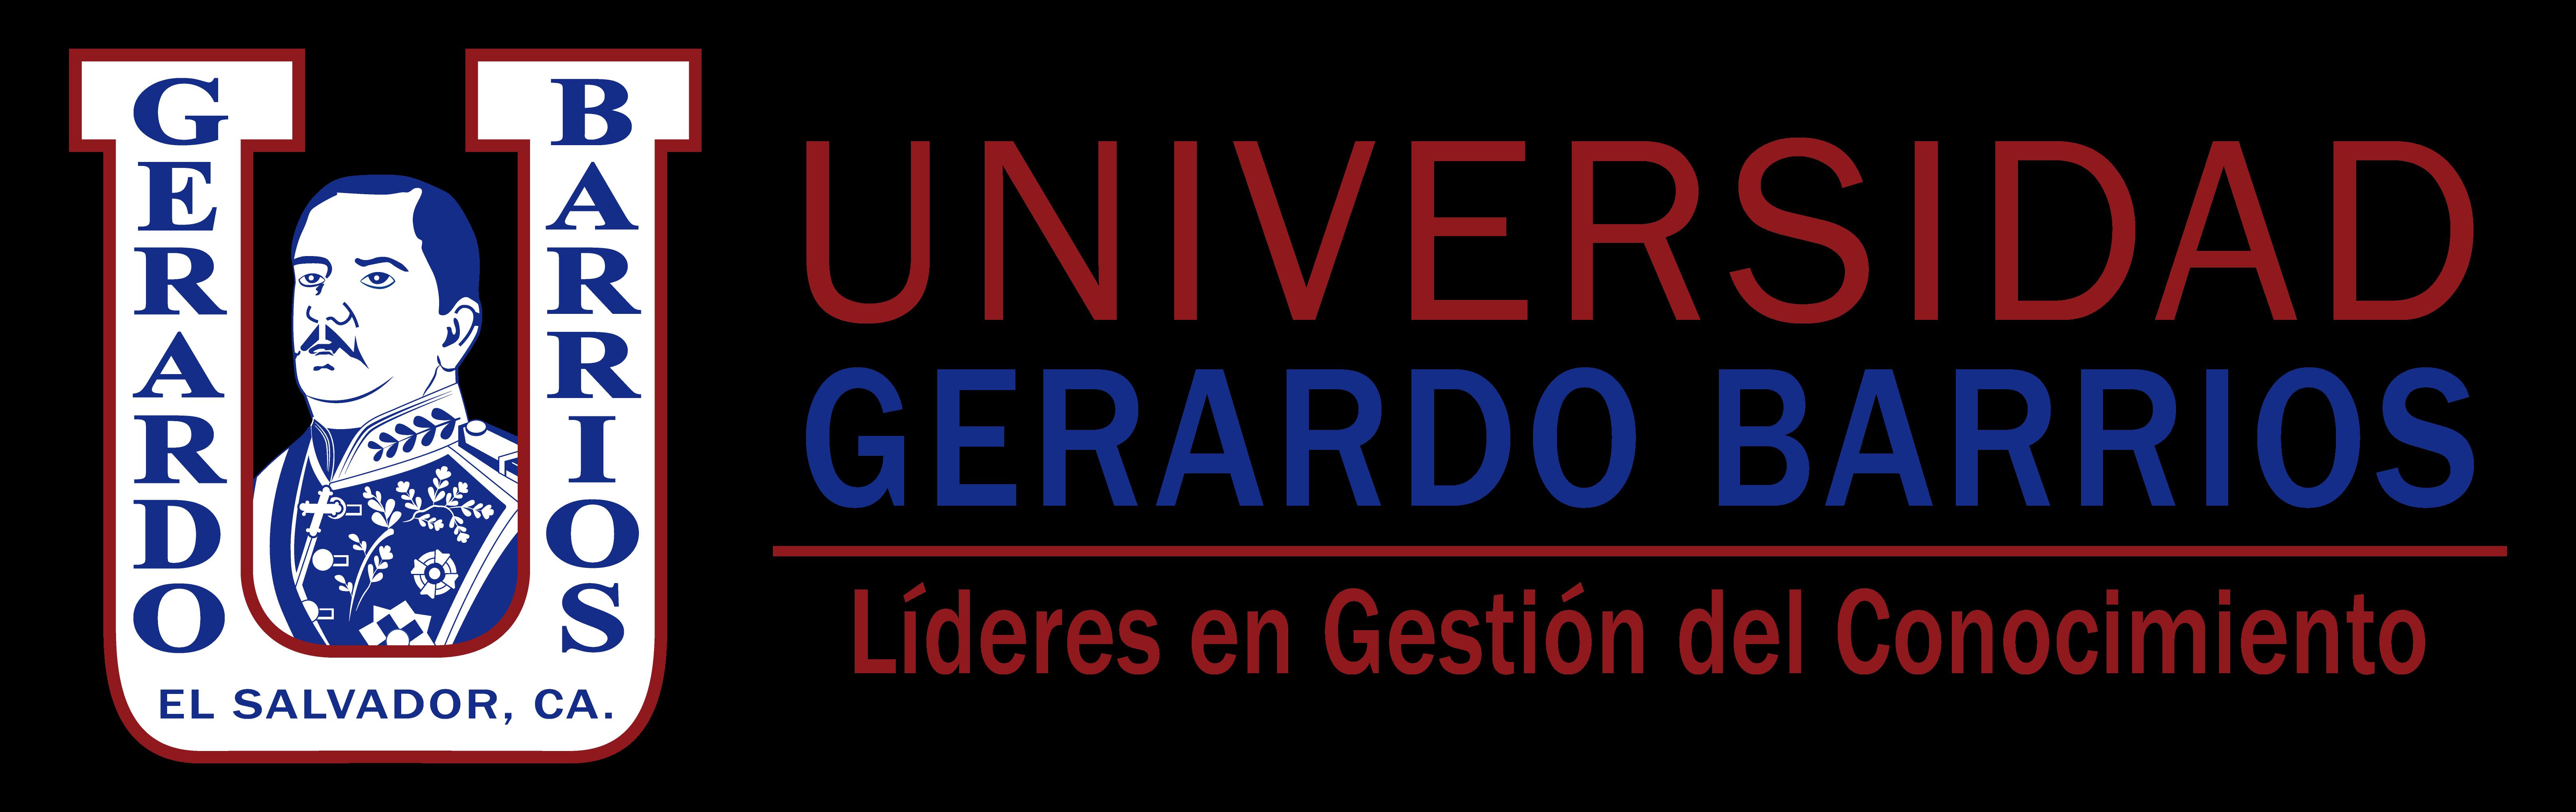 Universidad Gerardo Barrios - Líderes en Gestión del Conocimiento